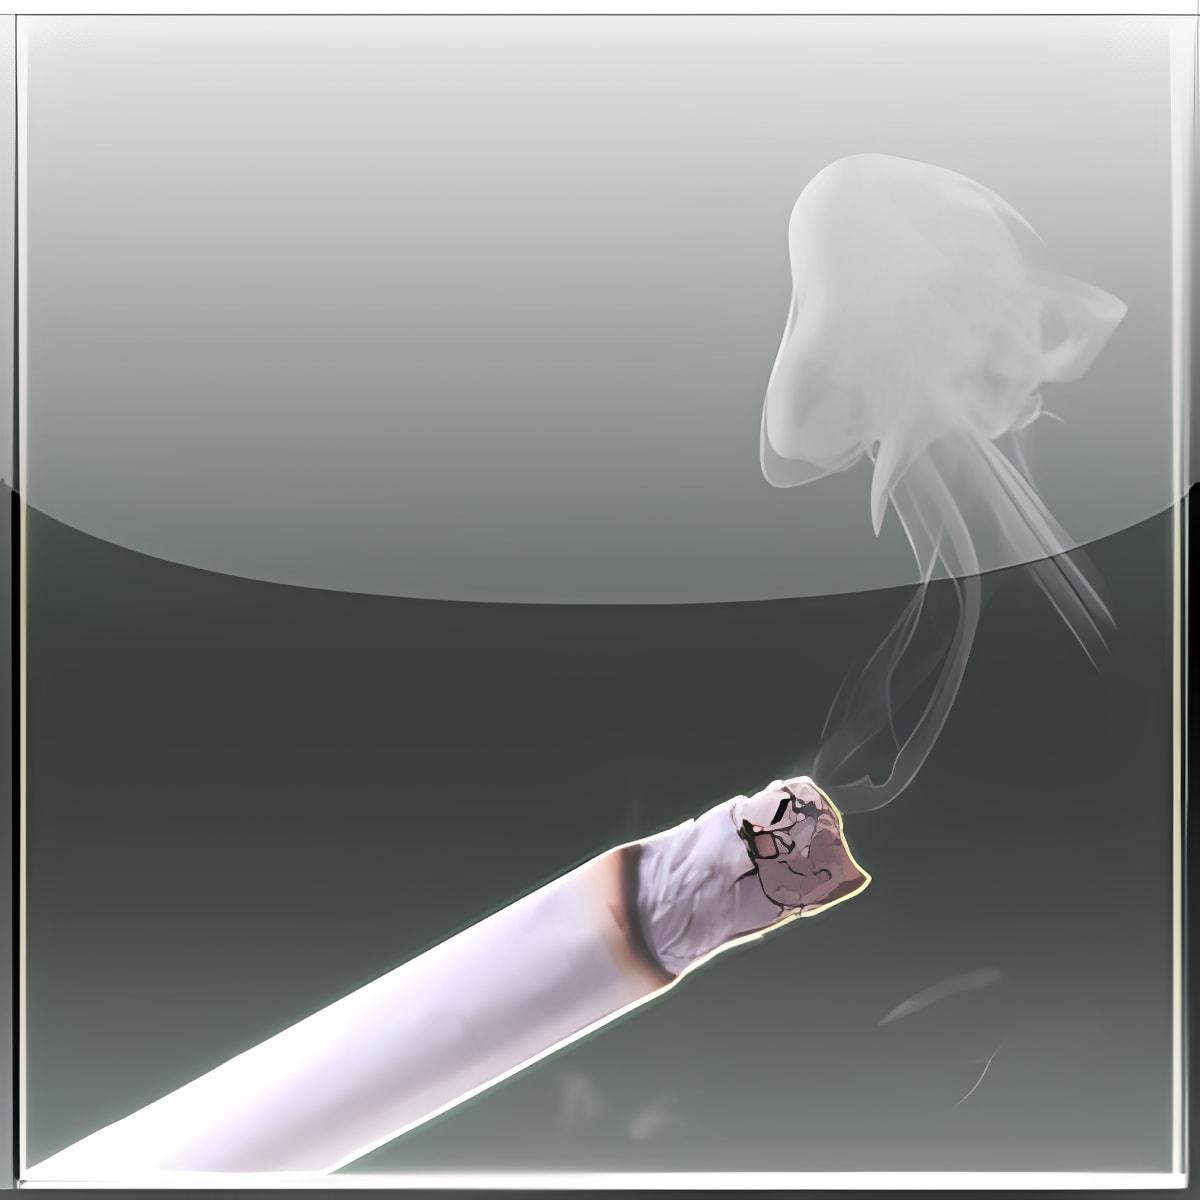 Wirtualny papieros